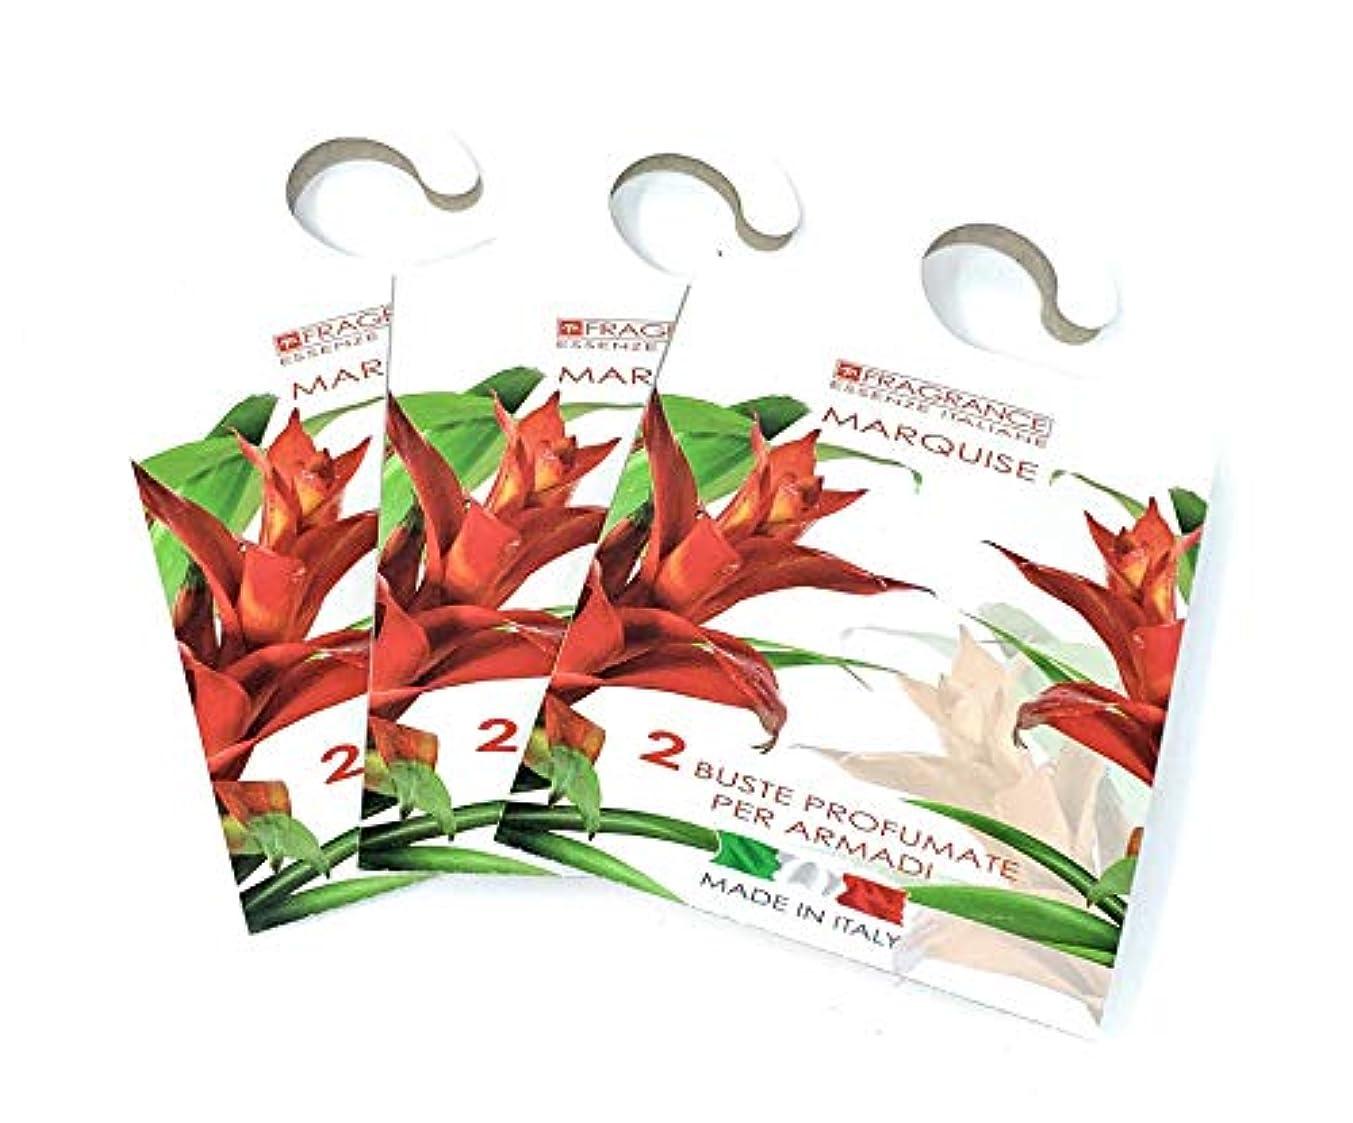 強化する精算環境MERCURY ITALY 吊り下げるサシェ(香り袋) FIOREALE イタリア製 マルキーズの香り/MARQUISE 2枚入り×3パック [並行輸入品]